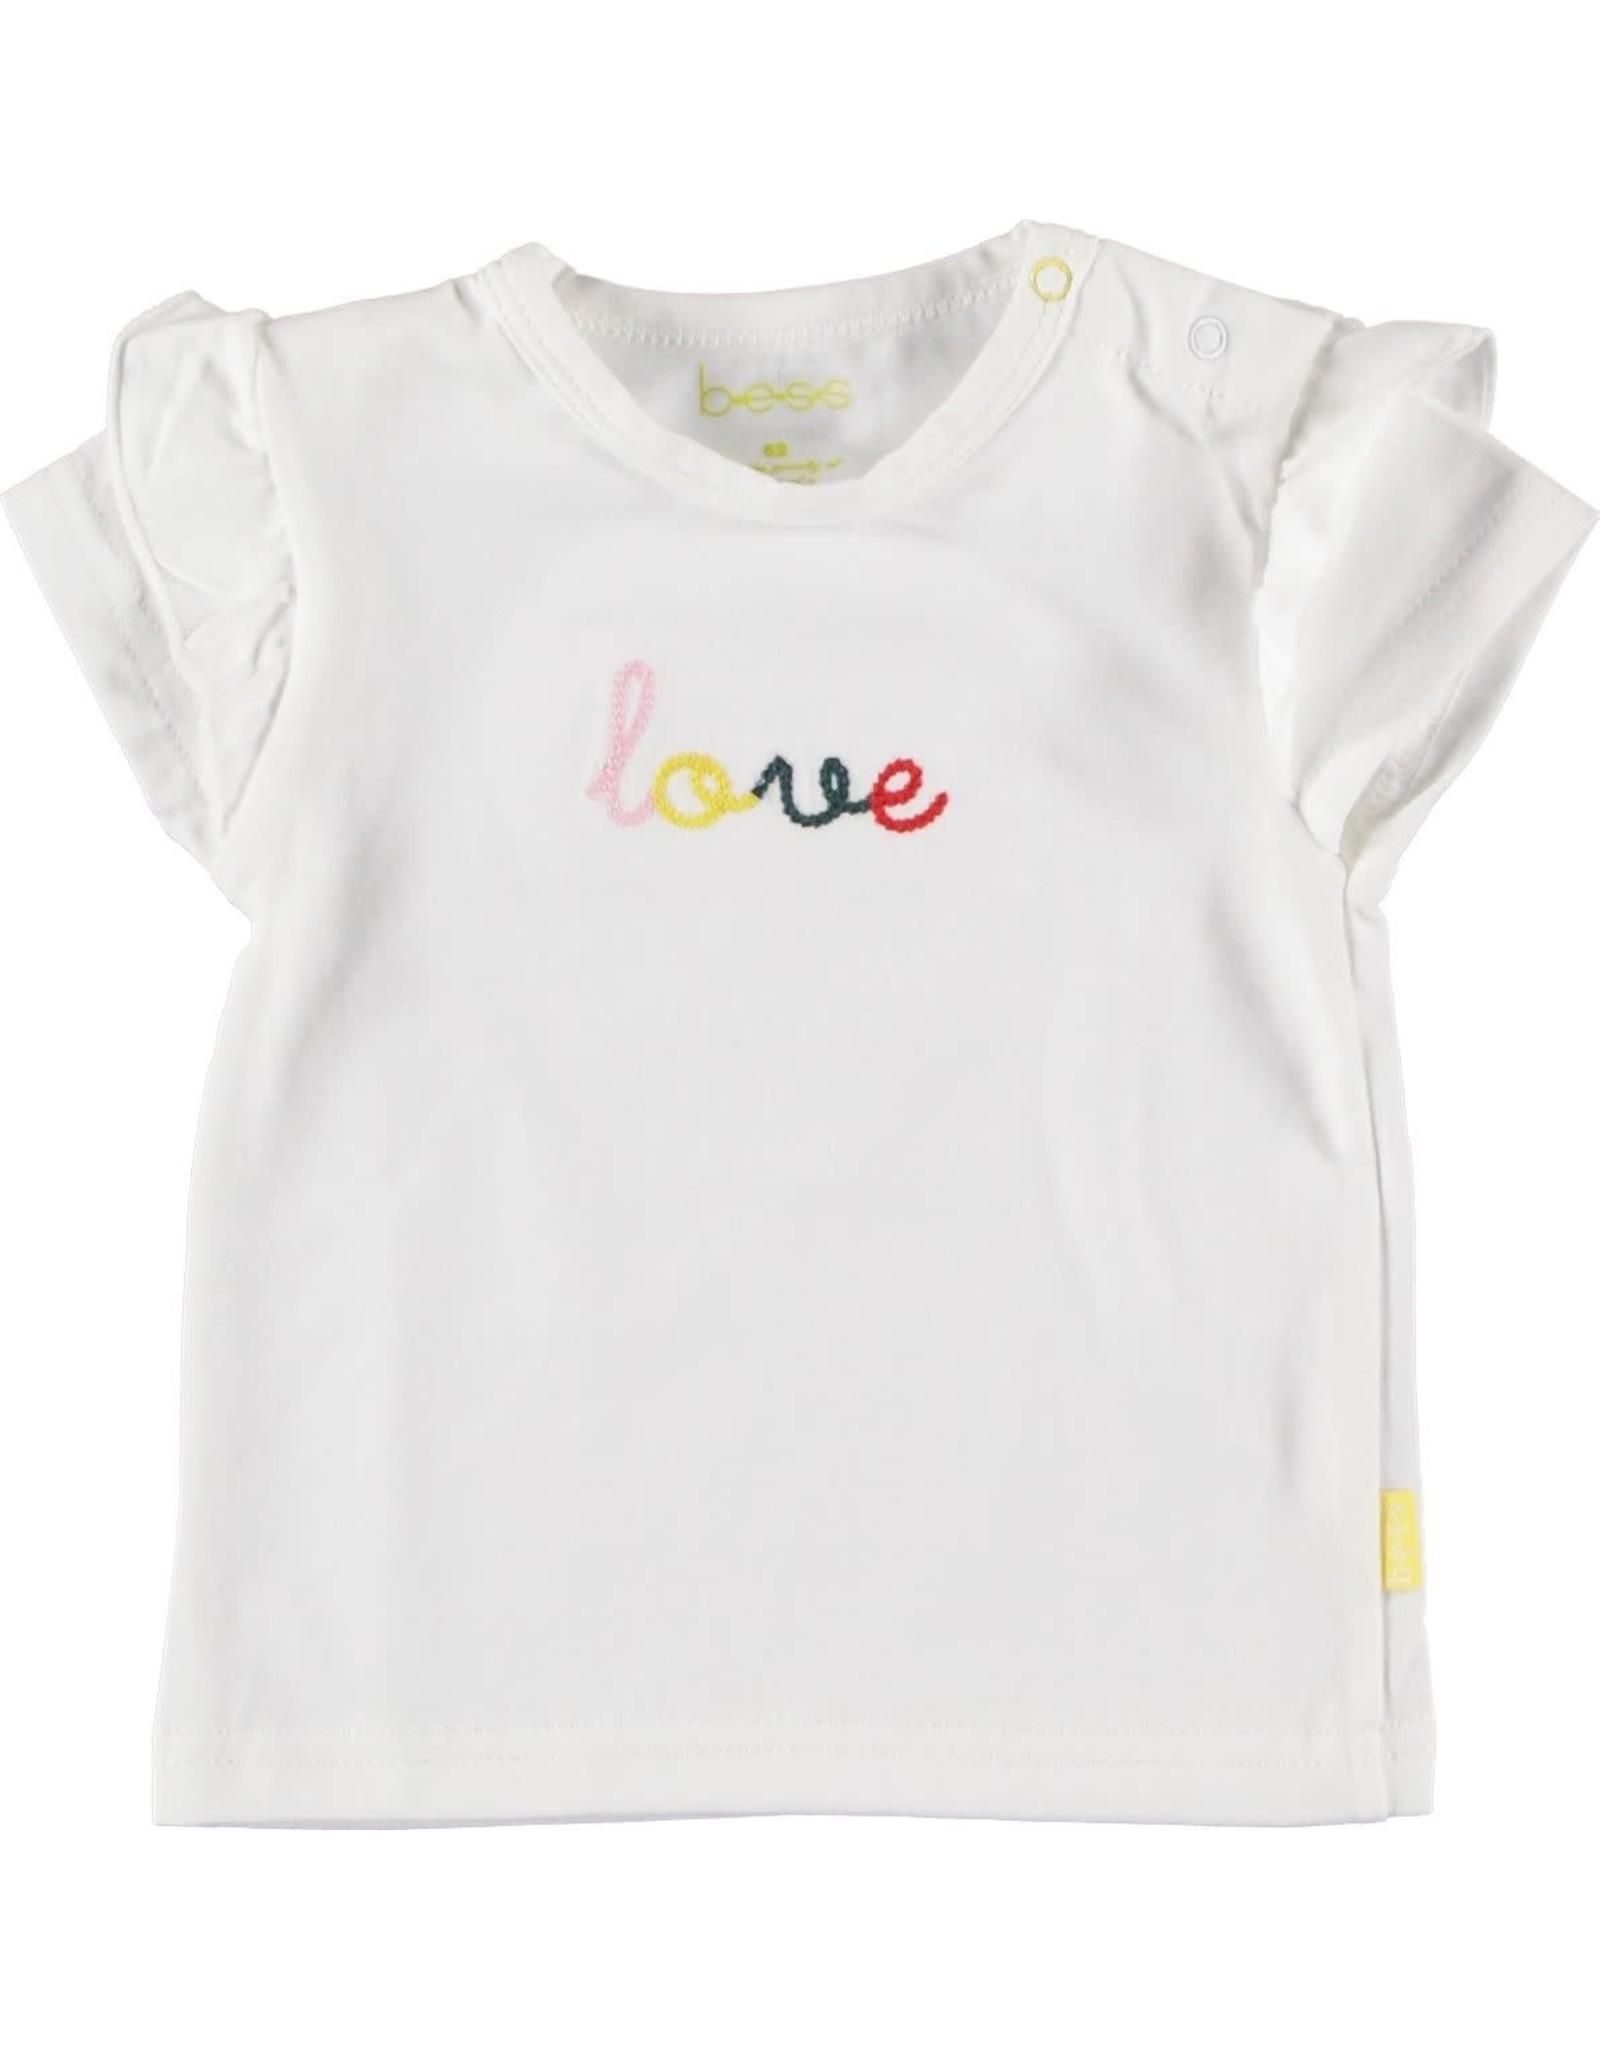 B*E*S*S 21066 T-Shirt